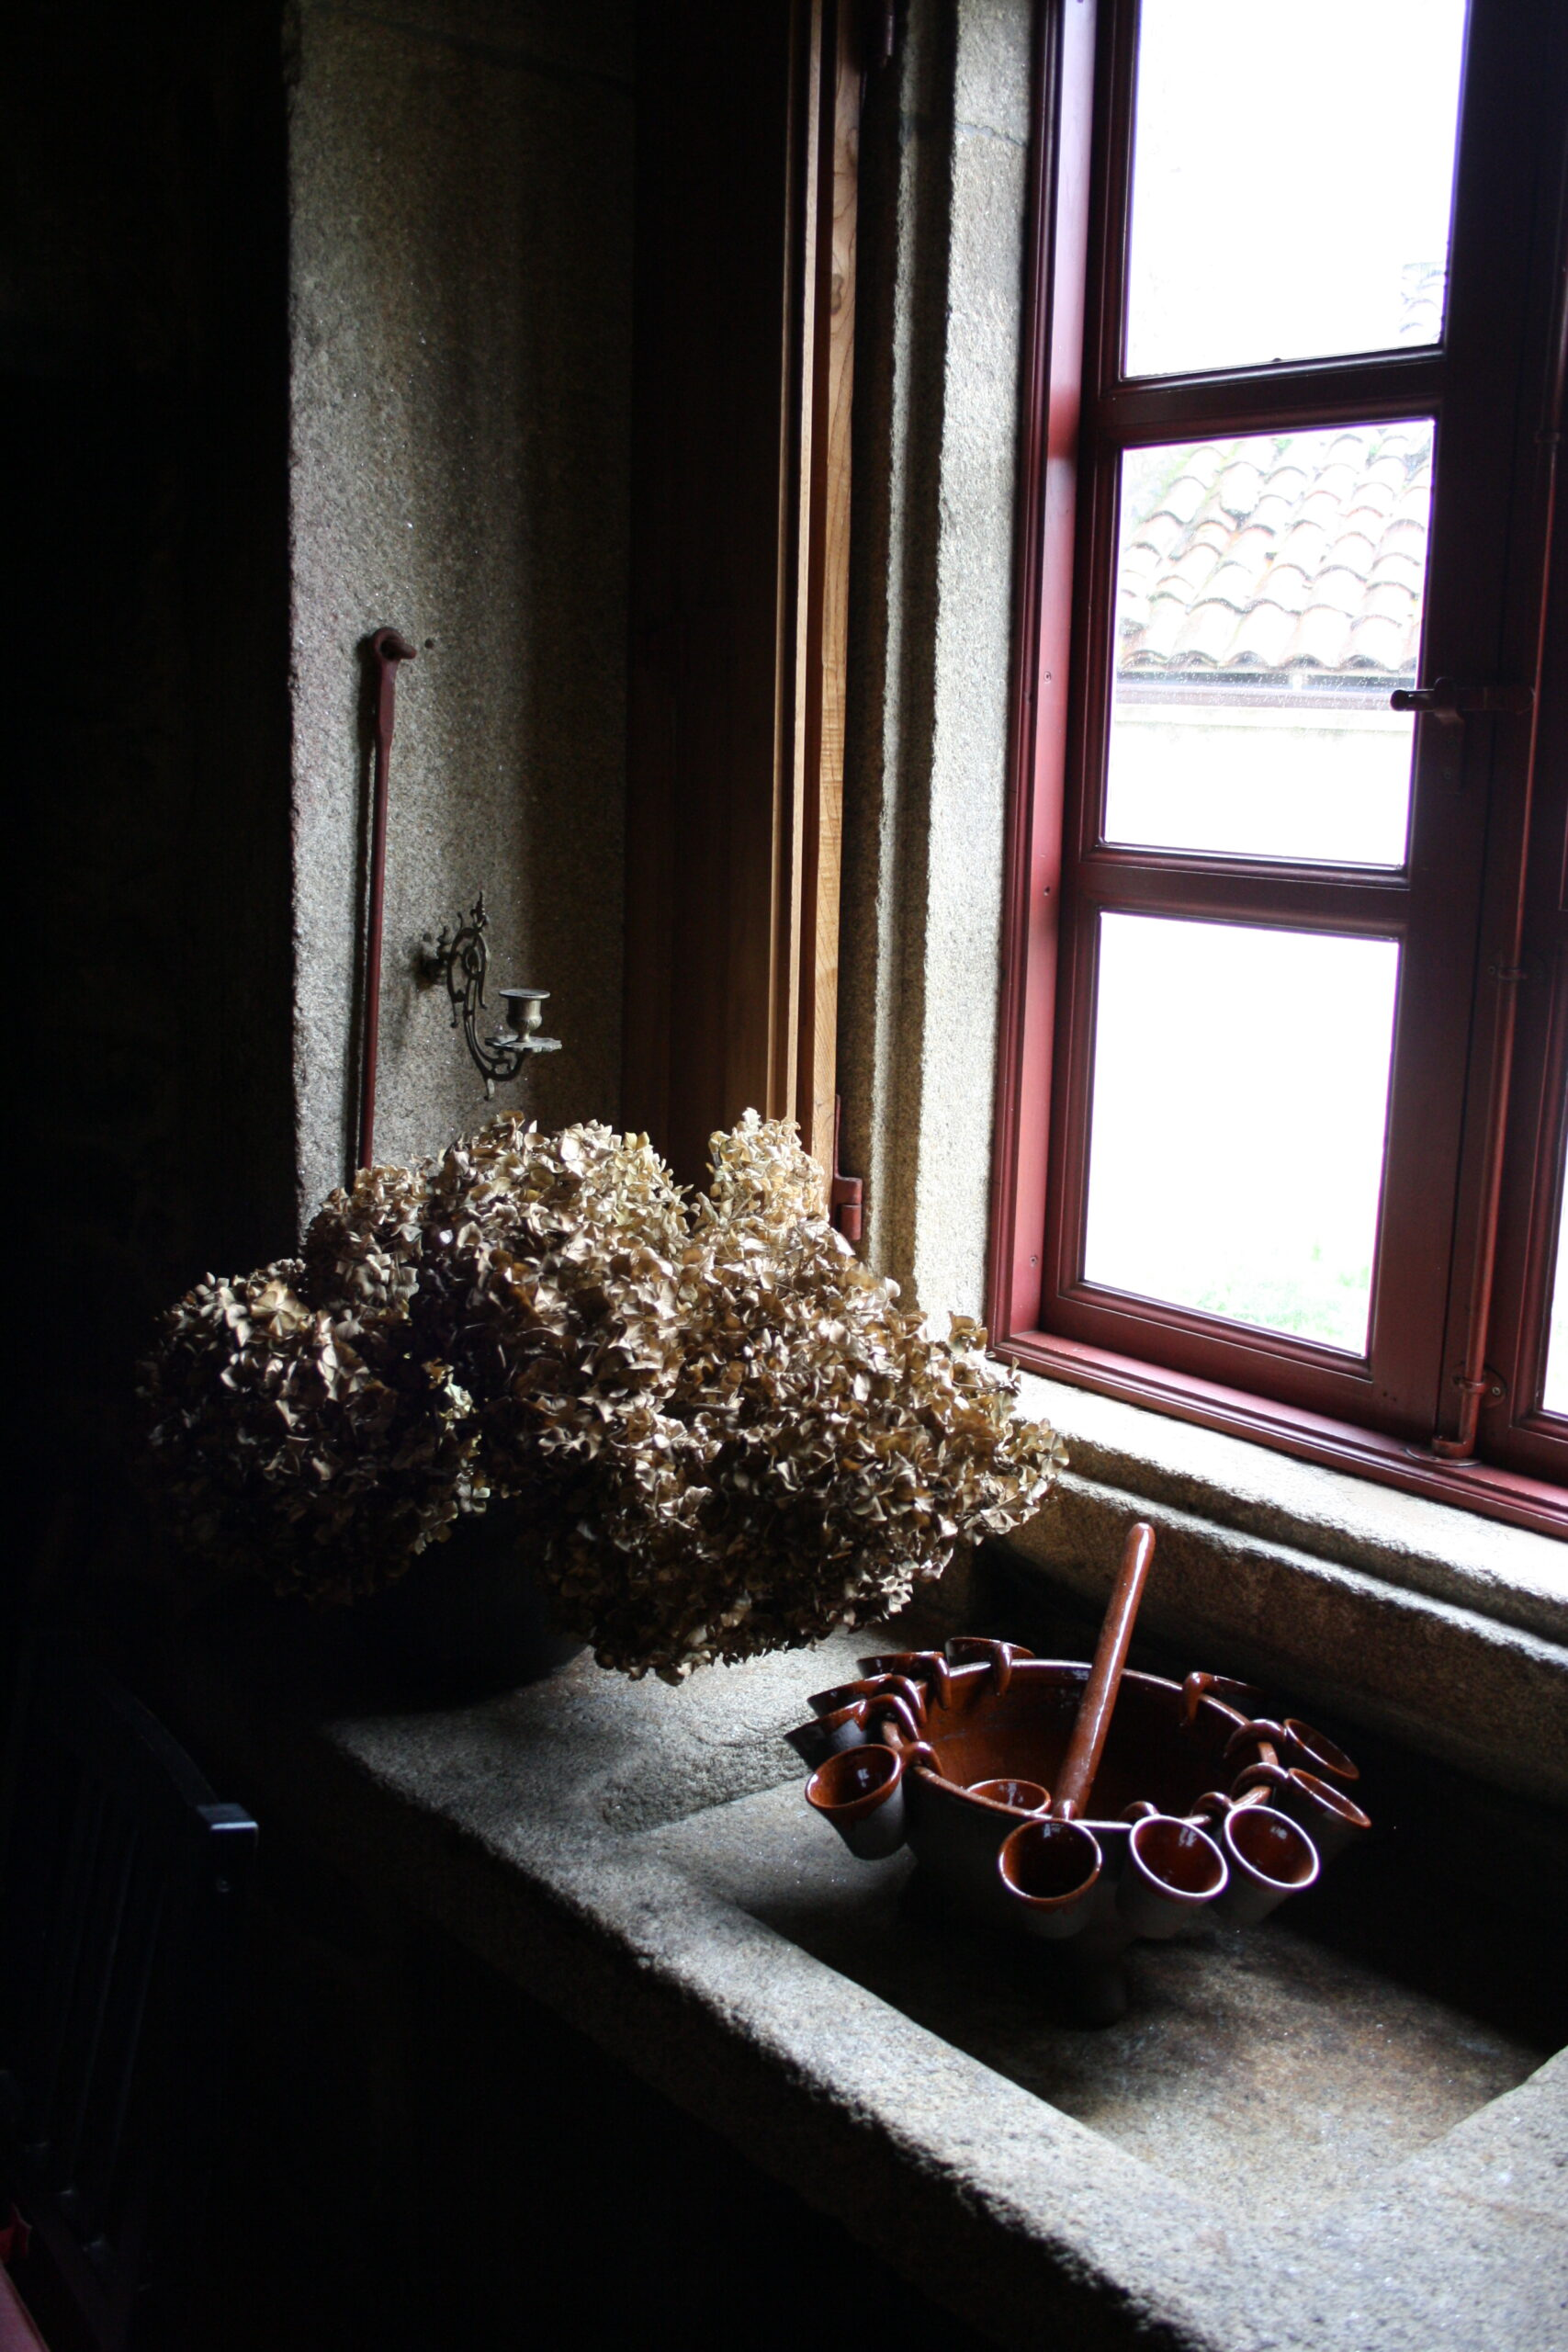 Ventana con flores y queimada en Casa de Roque